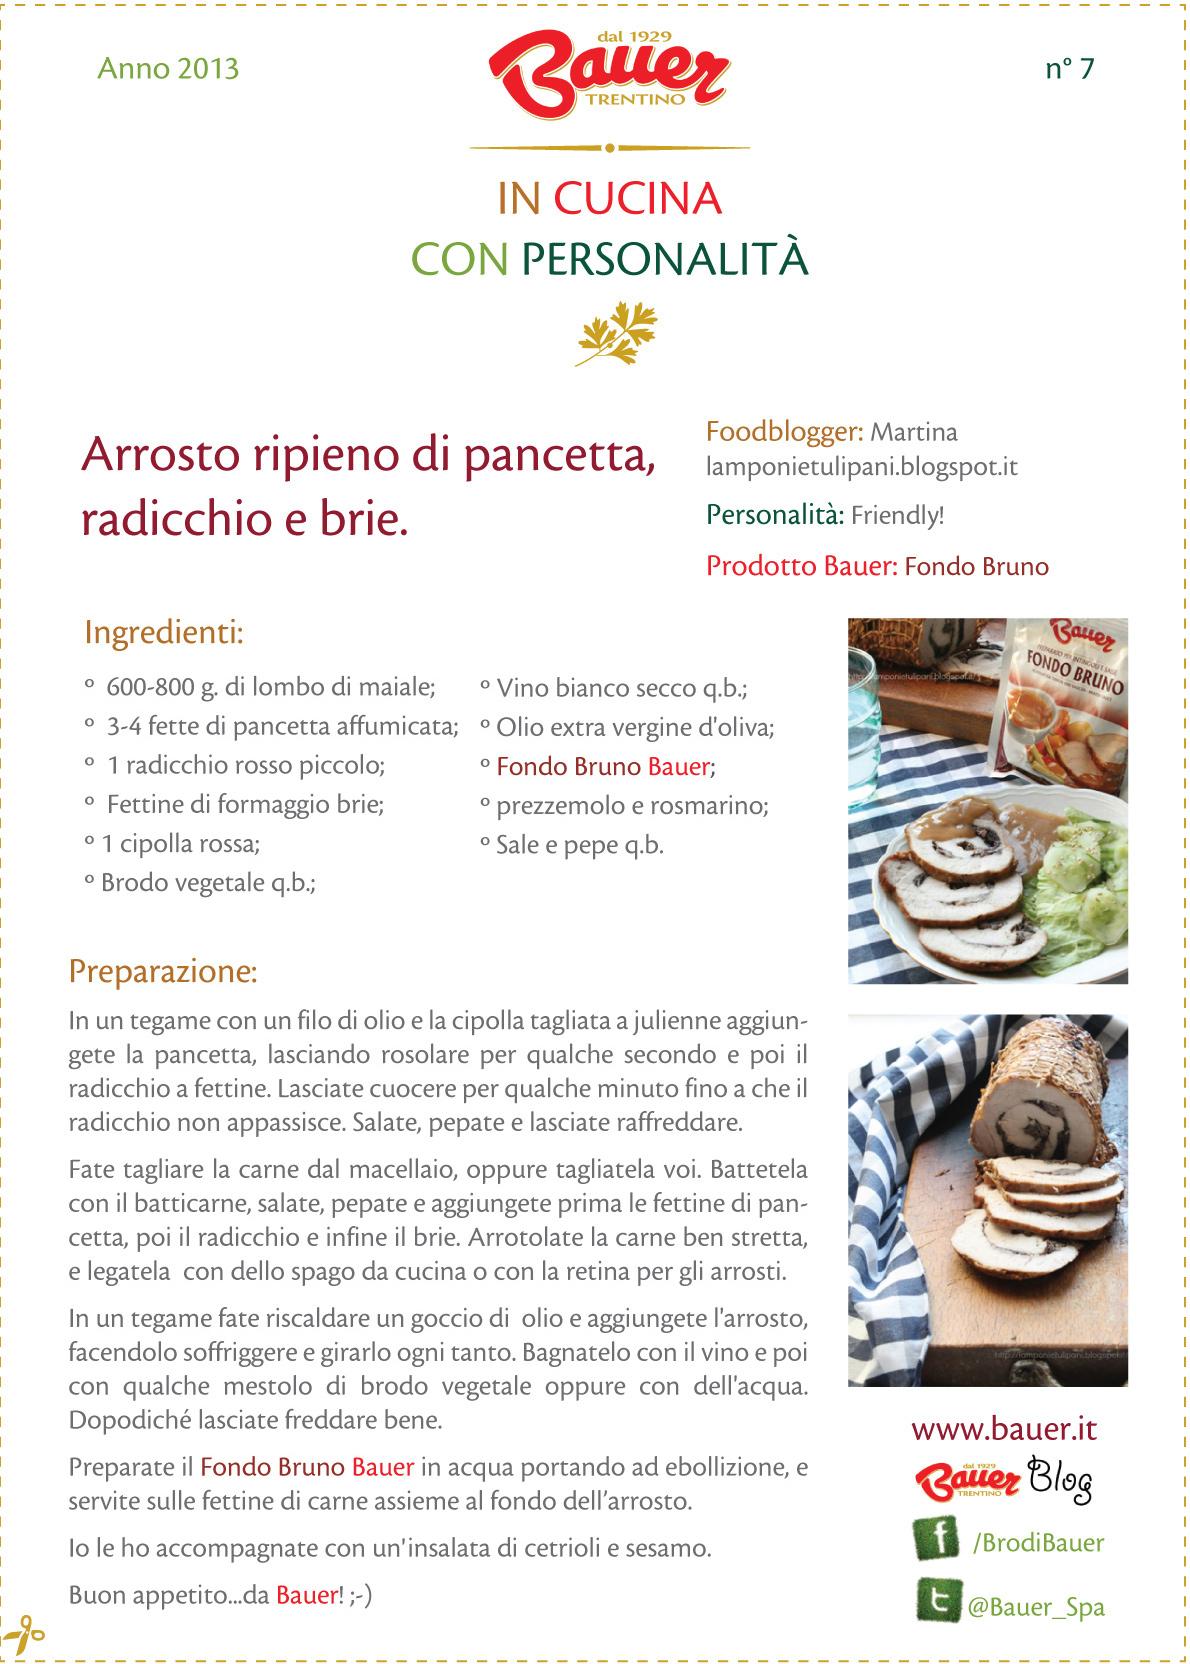 In-cucina-con-personalita-ricetta7